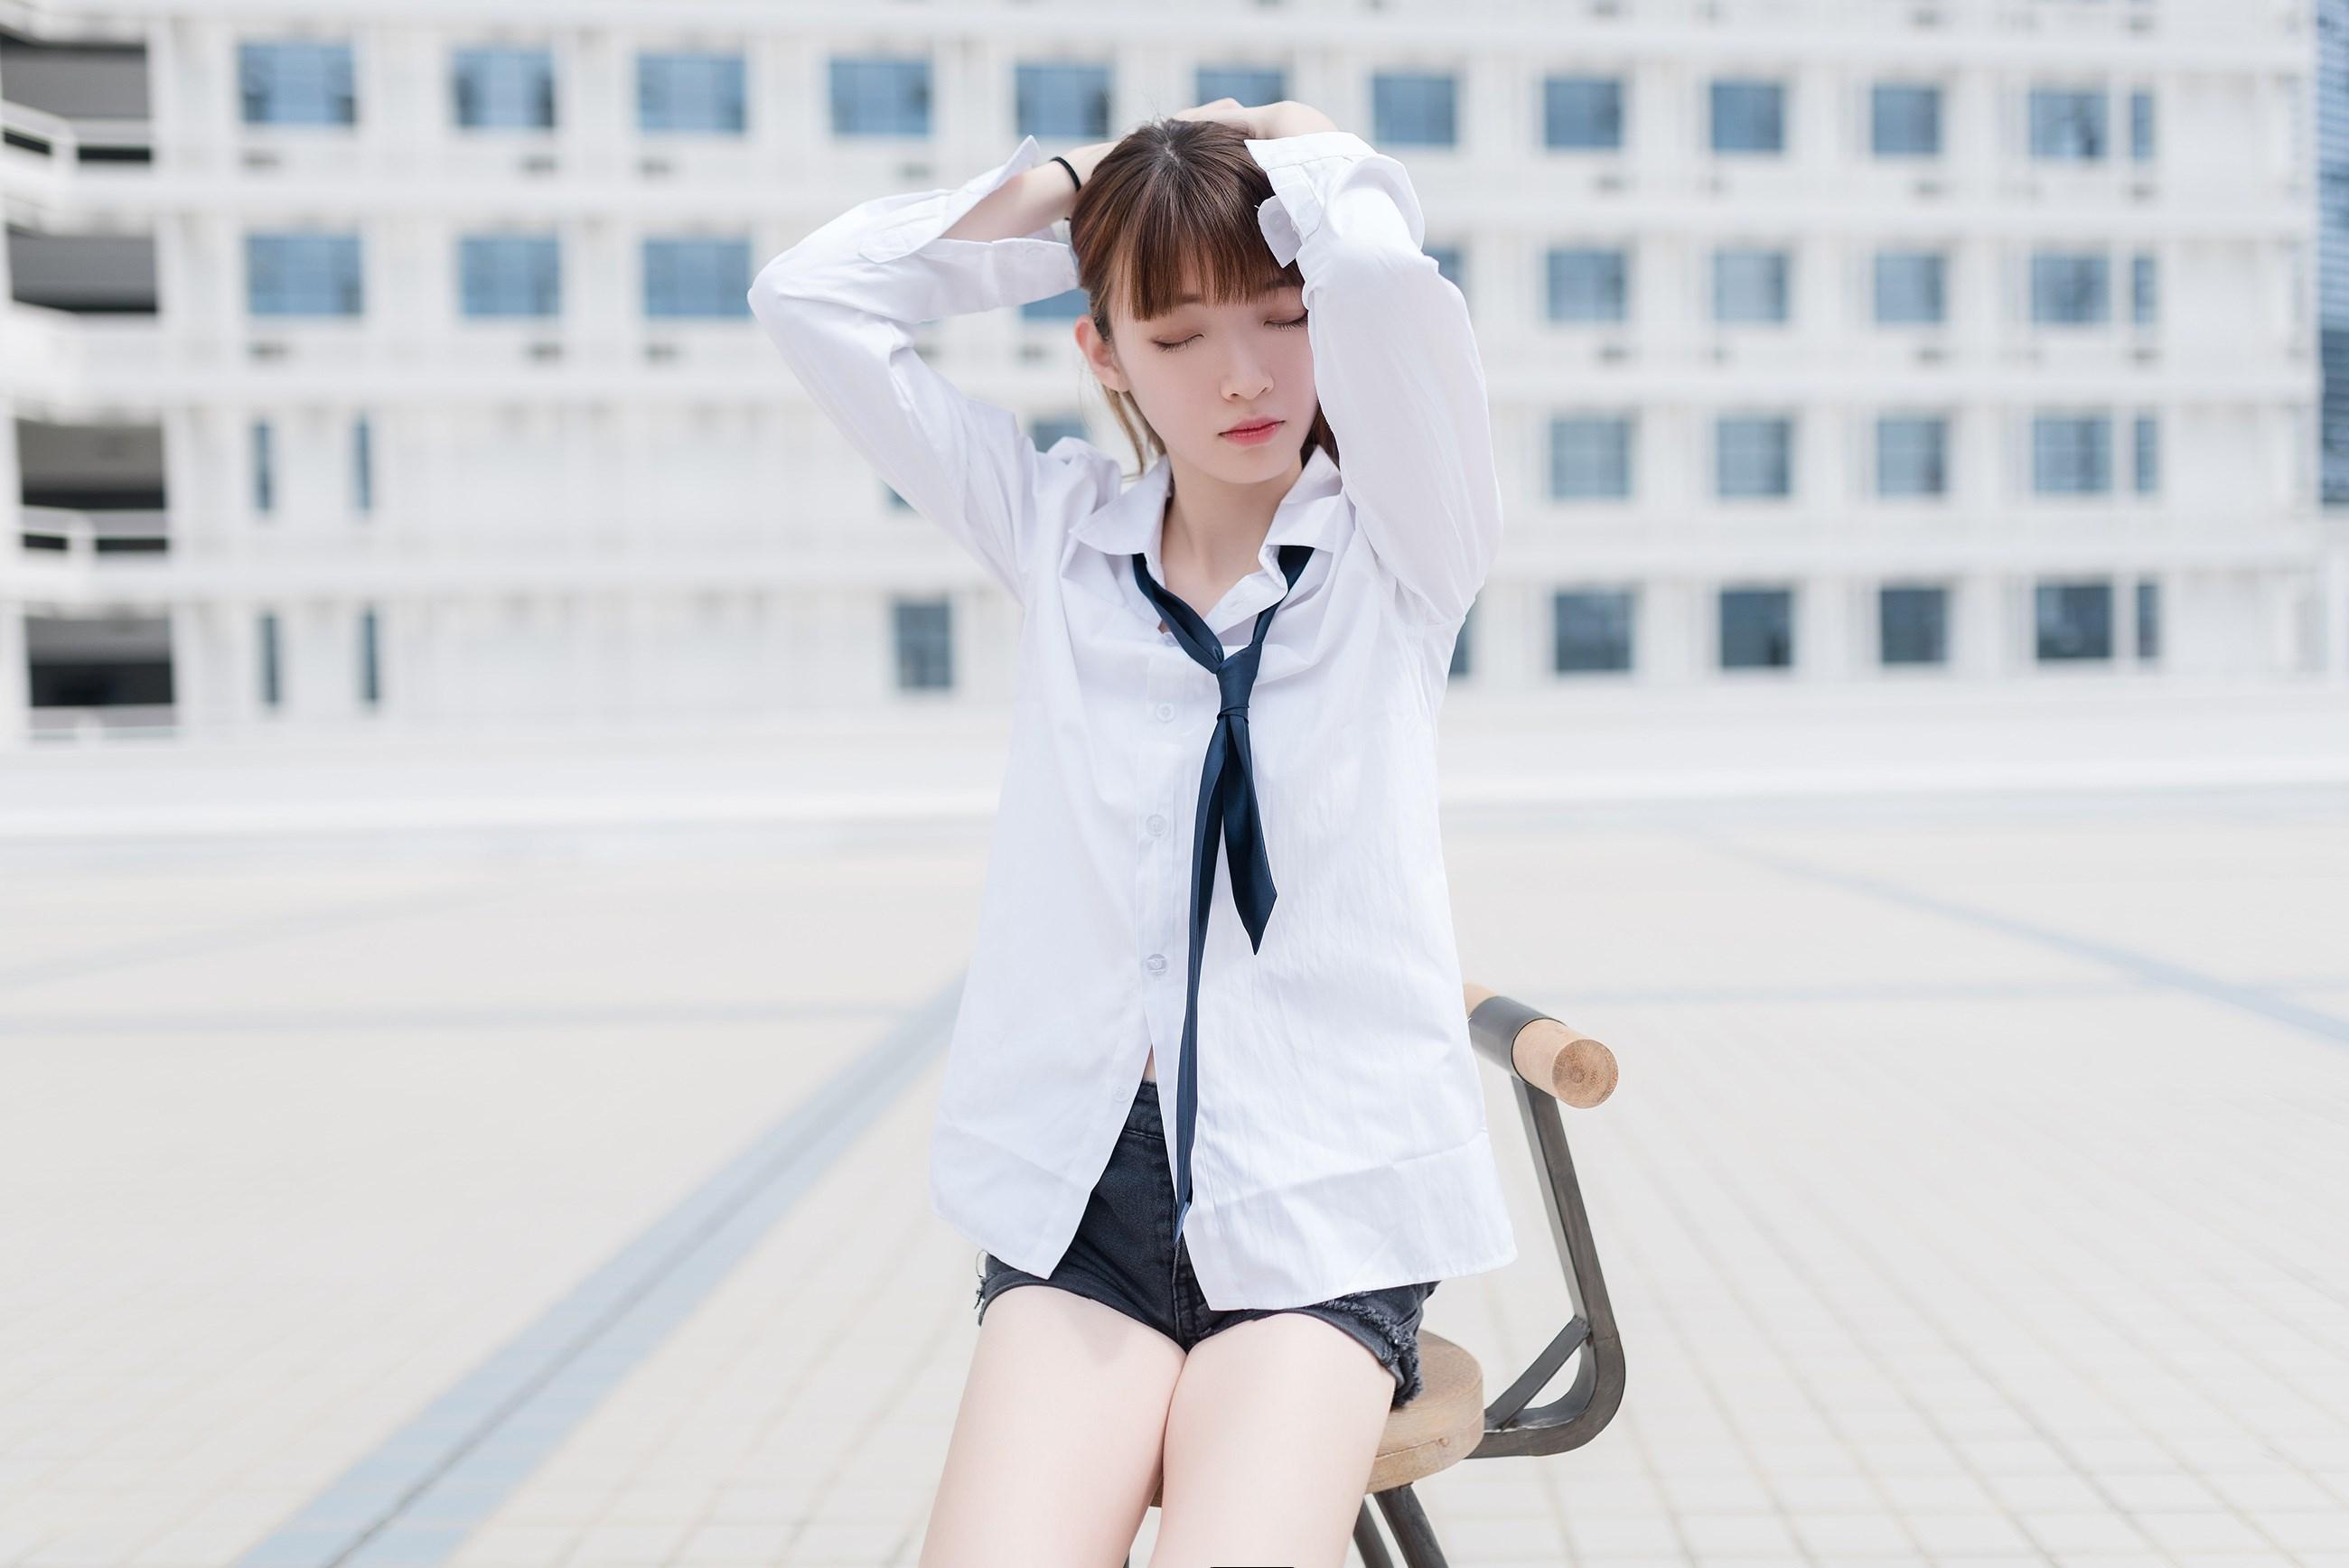 【兔玩映画】裸脚白衬衫 · 足控福利 兔玩映画 第44张